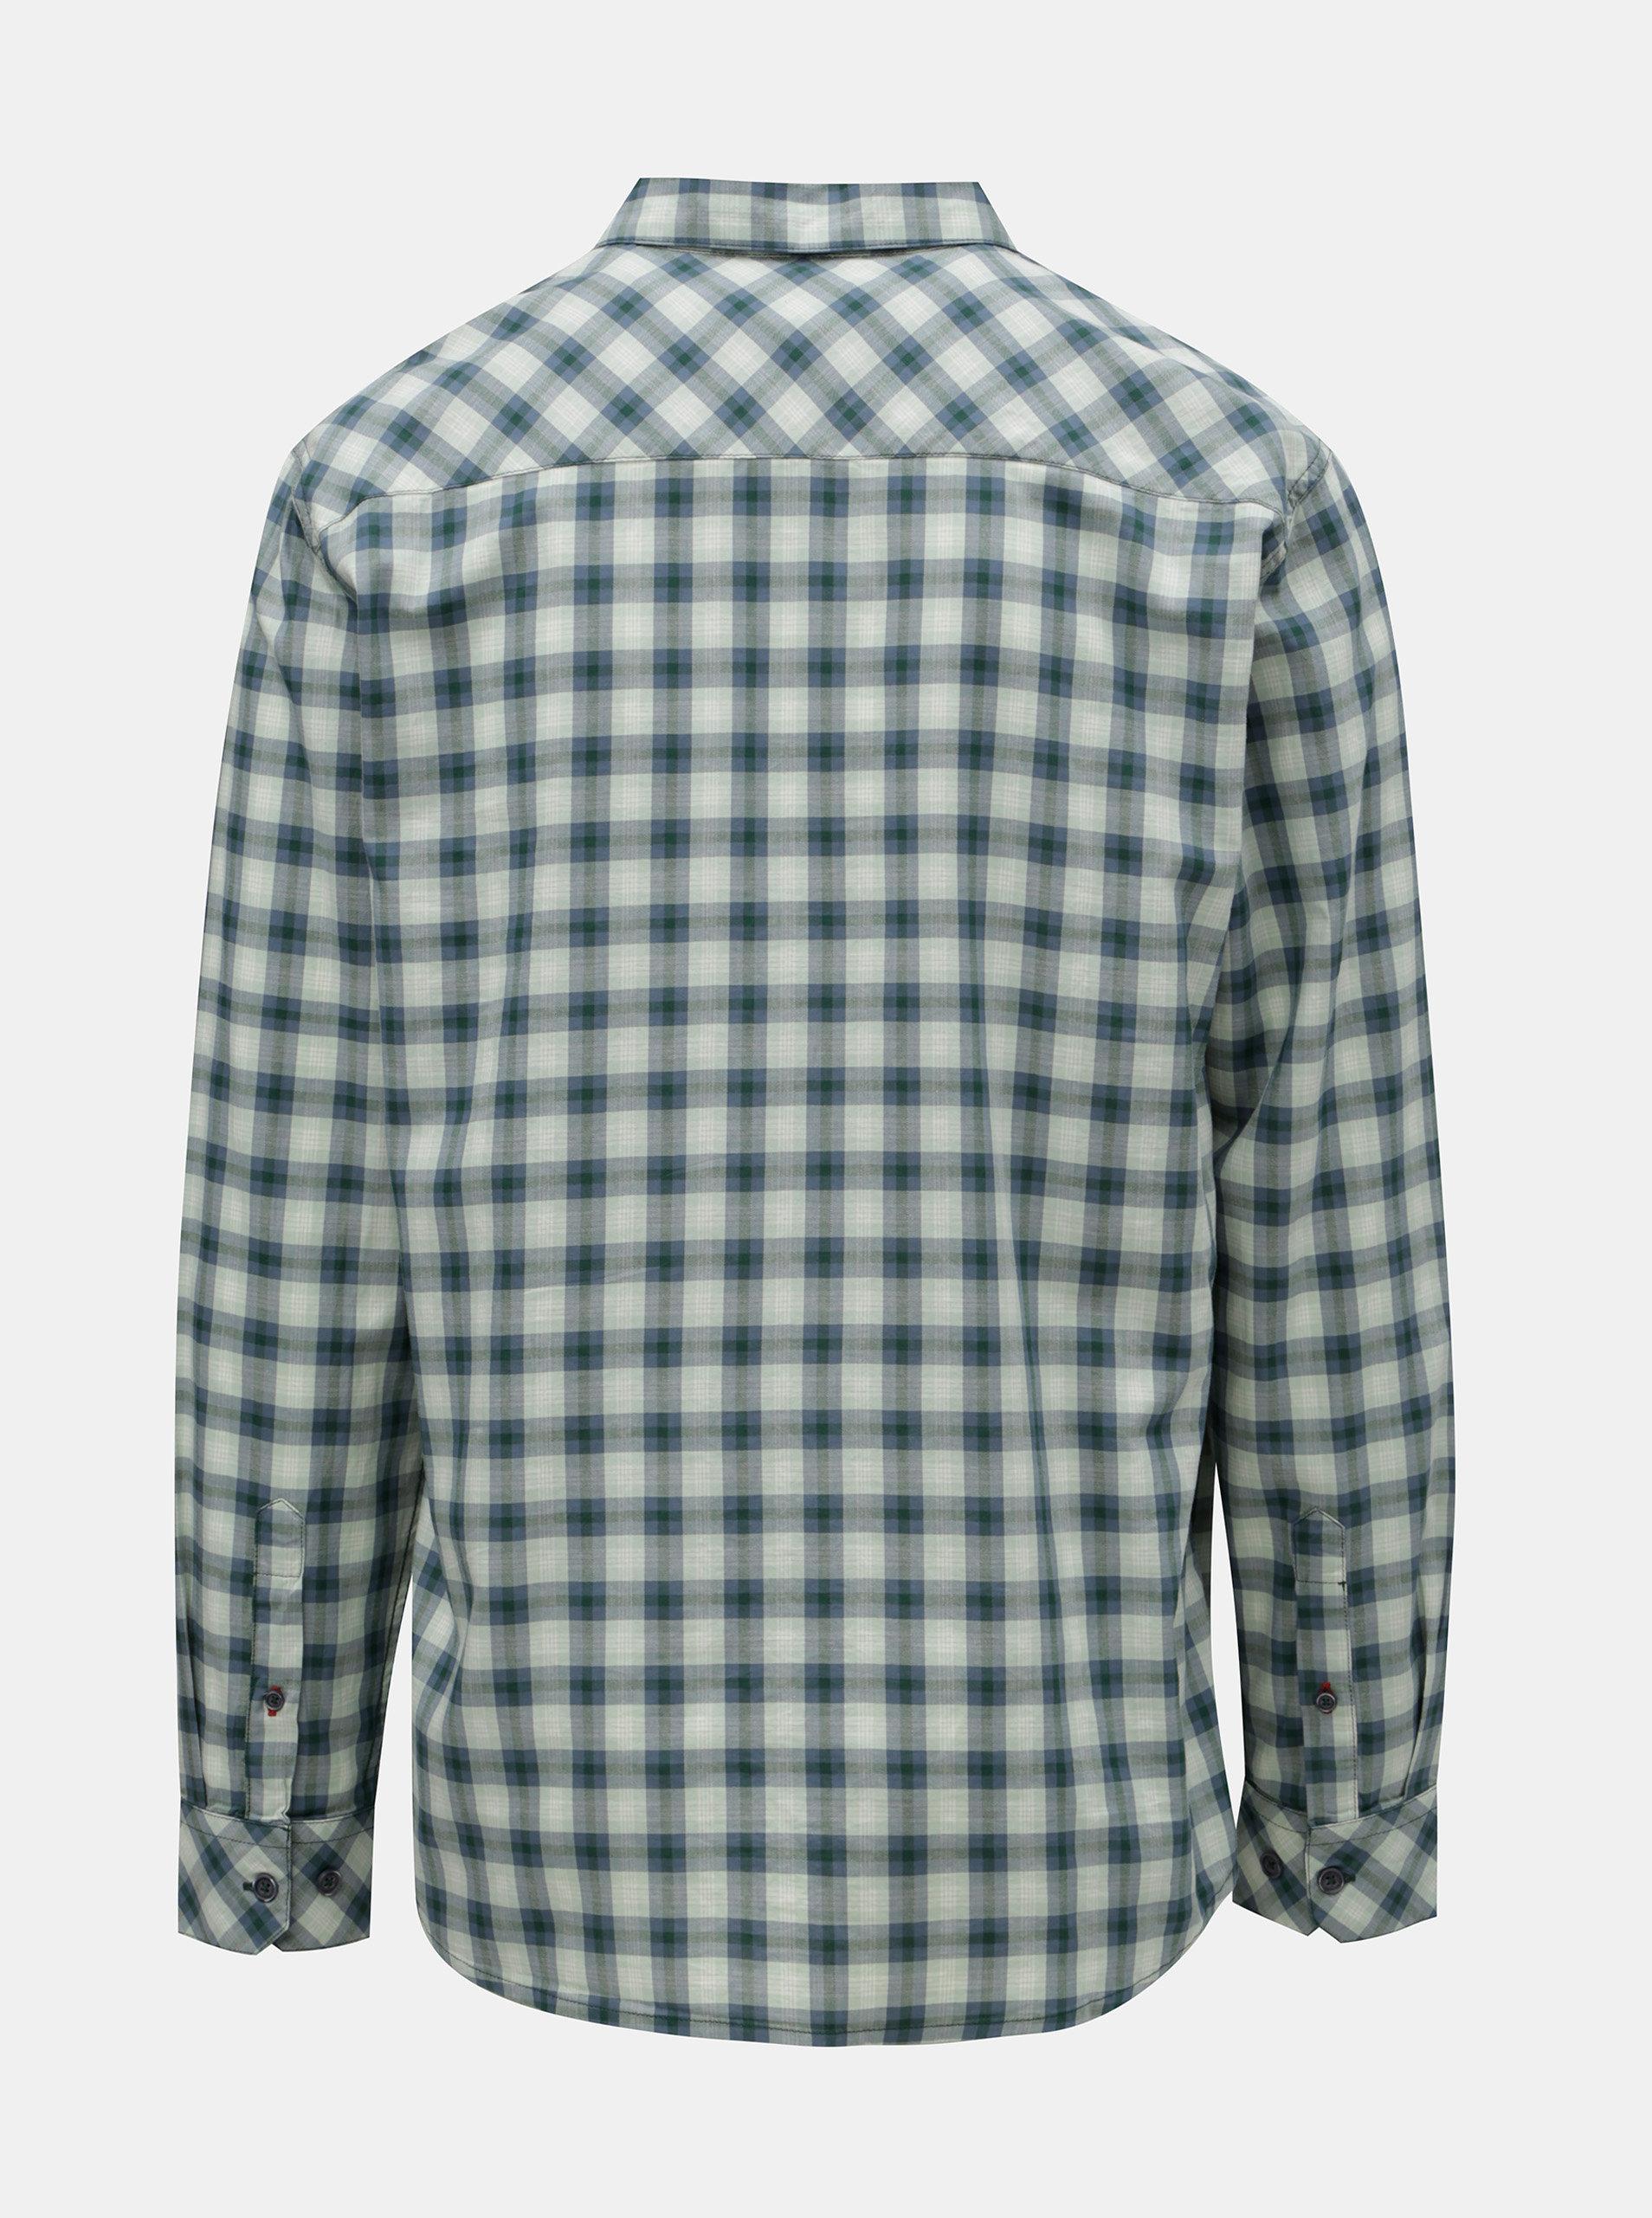 09bc121c5e9d Modro–zelená pánska károvaná košeľa BUSHMAN Gresham ...